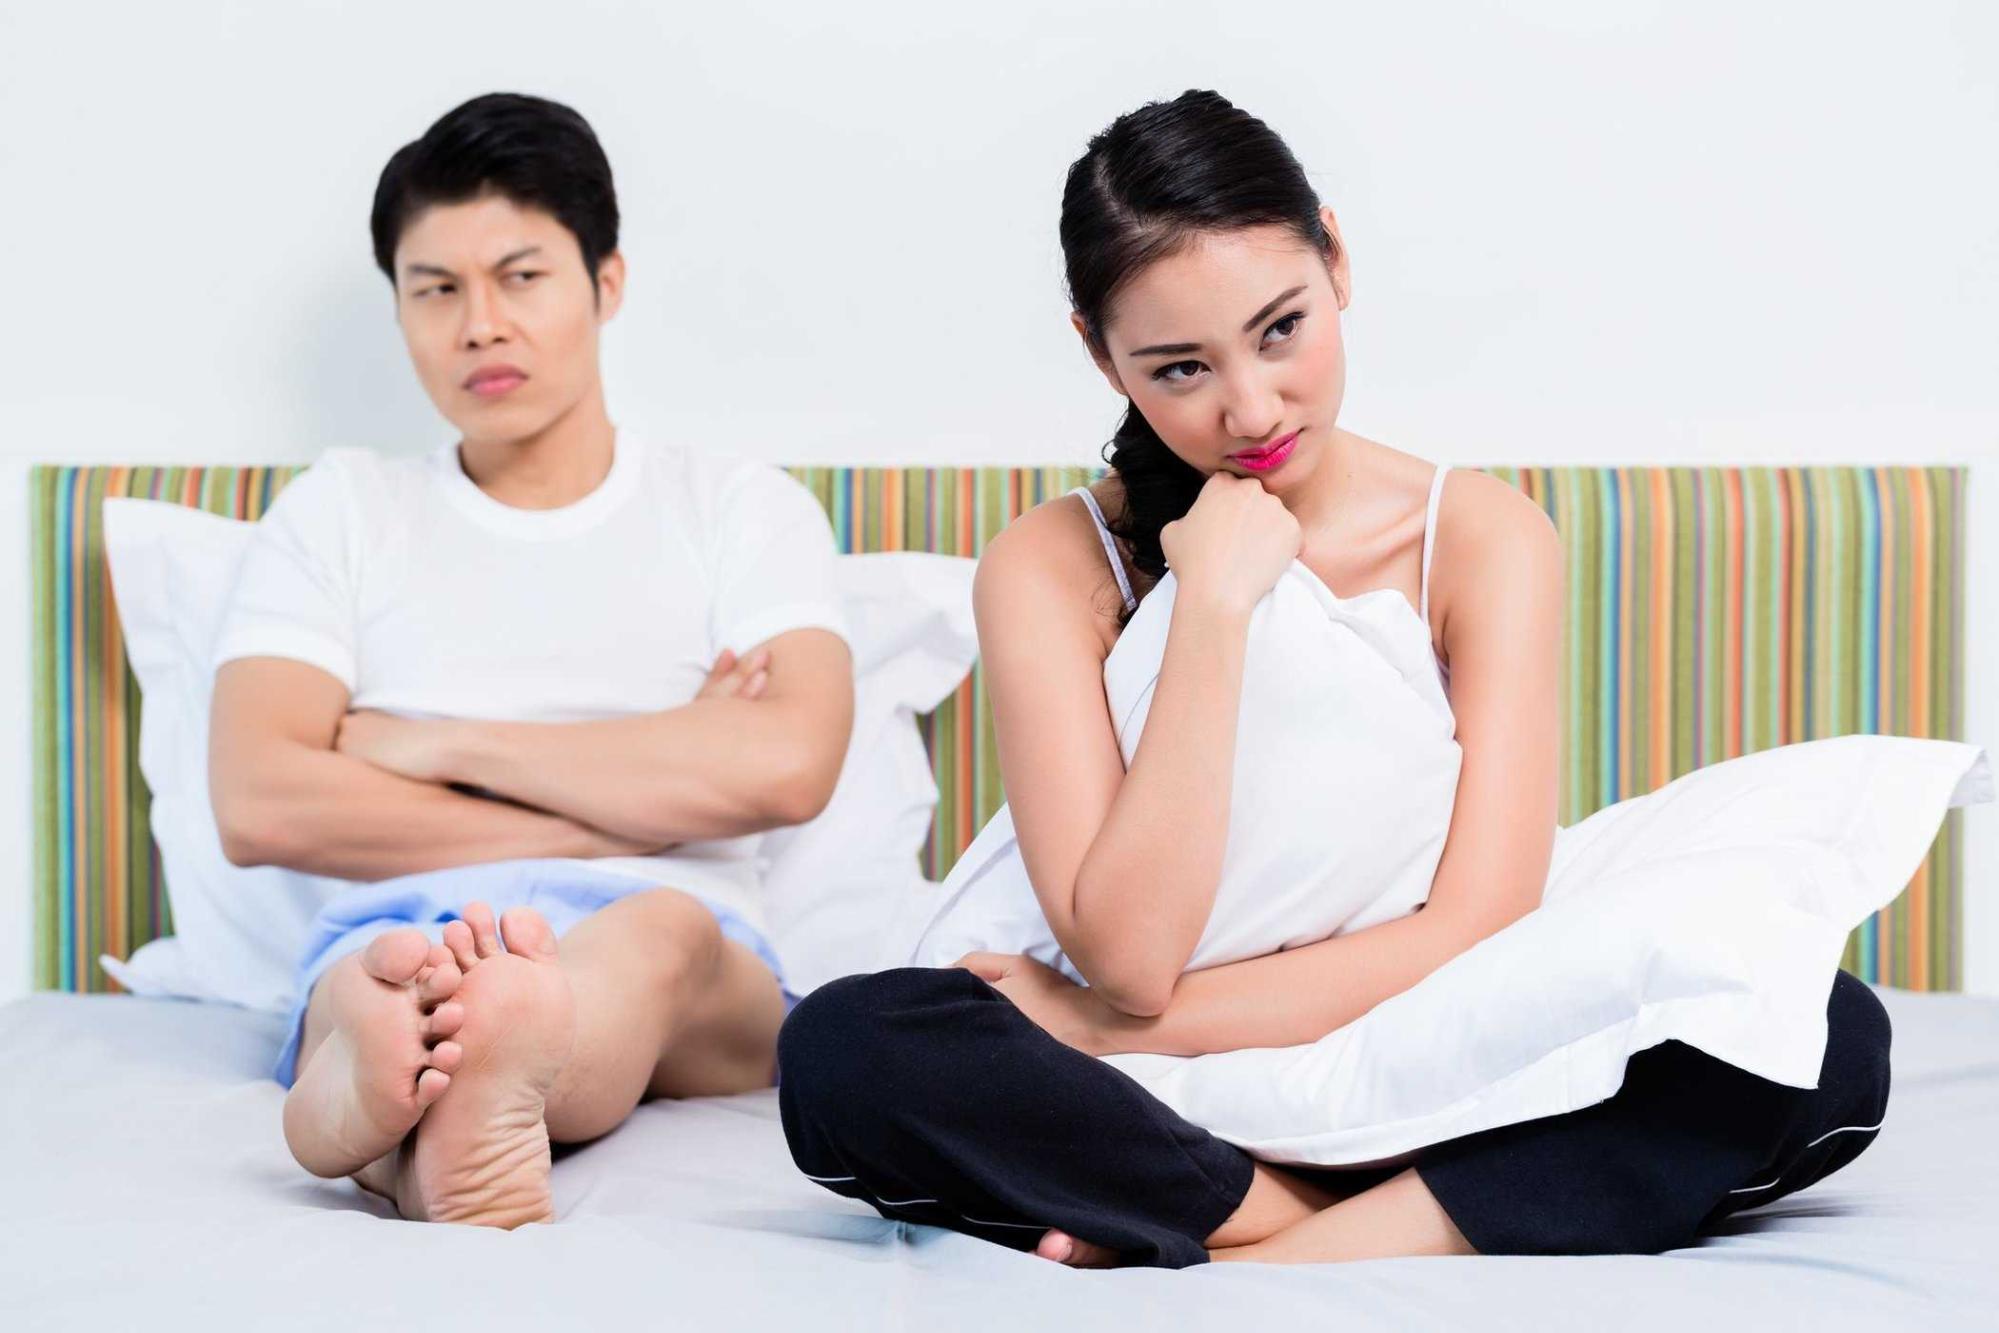 Phụ nữ khôn ngoan không nên nói giá cả mắc mà không mua, khi đi mua sắm cùng chồng.